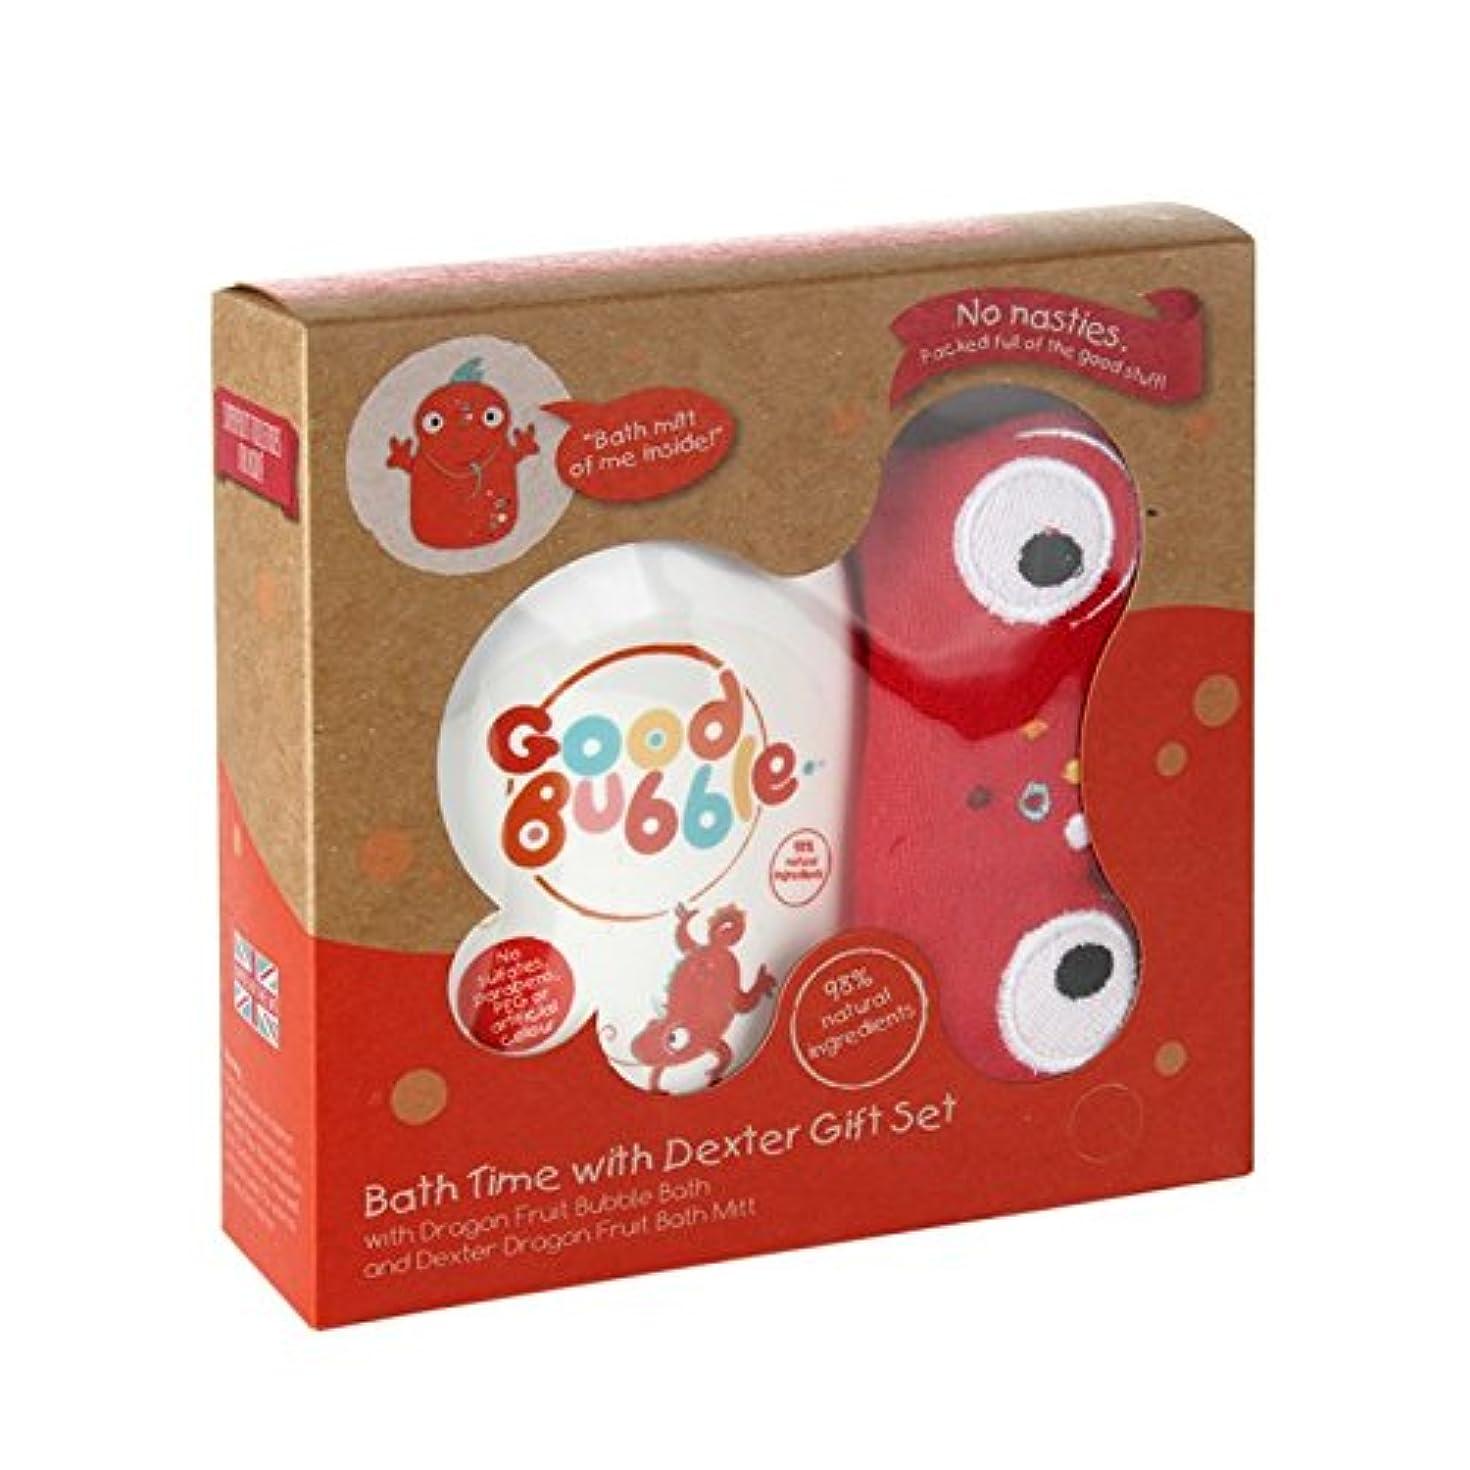 部分ライムオアシスGood Bubble Dexter Dragonfruit Gift Set 550g (Pack of 2) - 良いバブルデクスターDragonfruitギフトセット550グラム (x2) [並行輸入品]